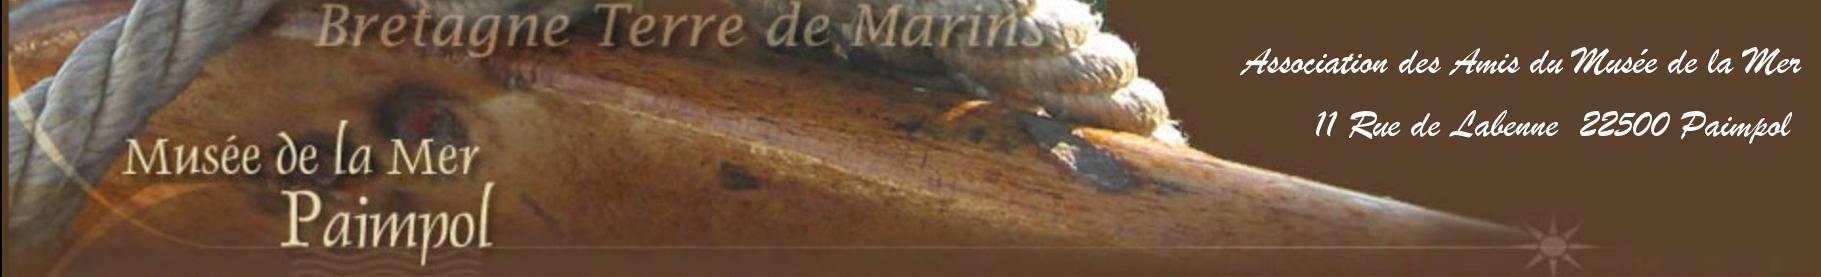 Musée de la Mer Paimpol